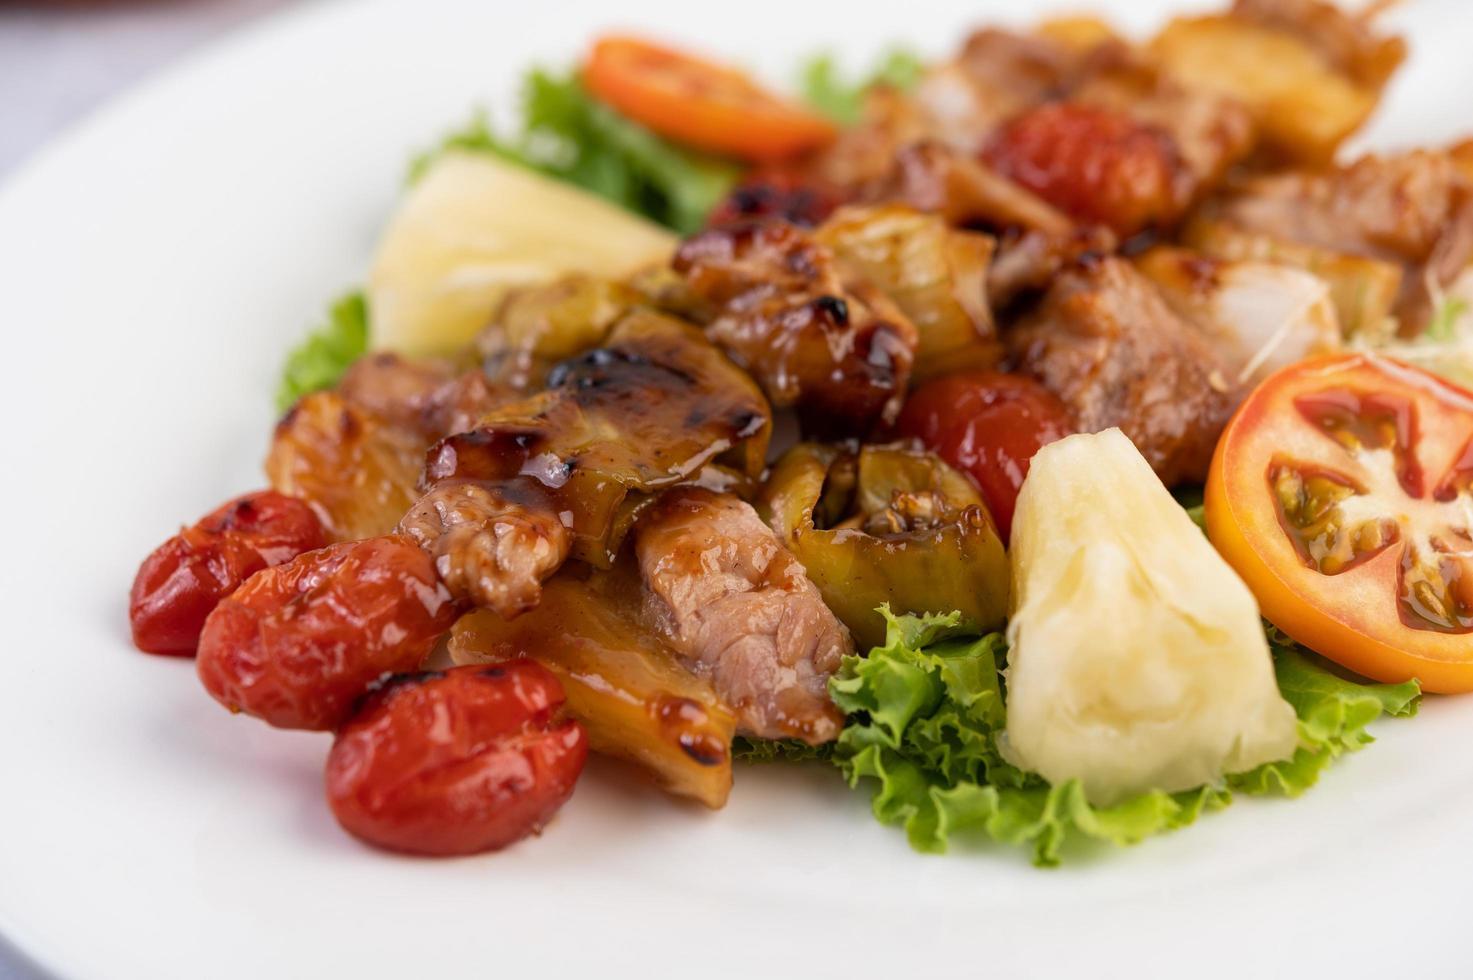 Grillfleisch mit Tomaten und Paprika foto